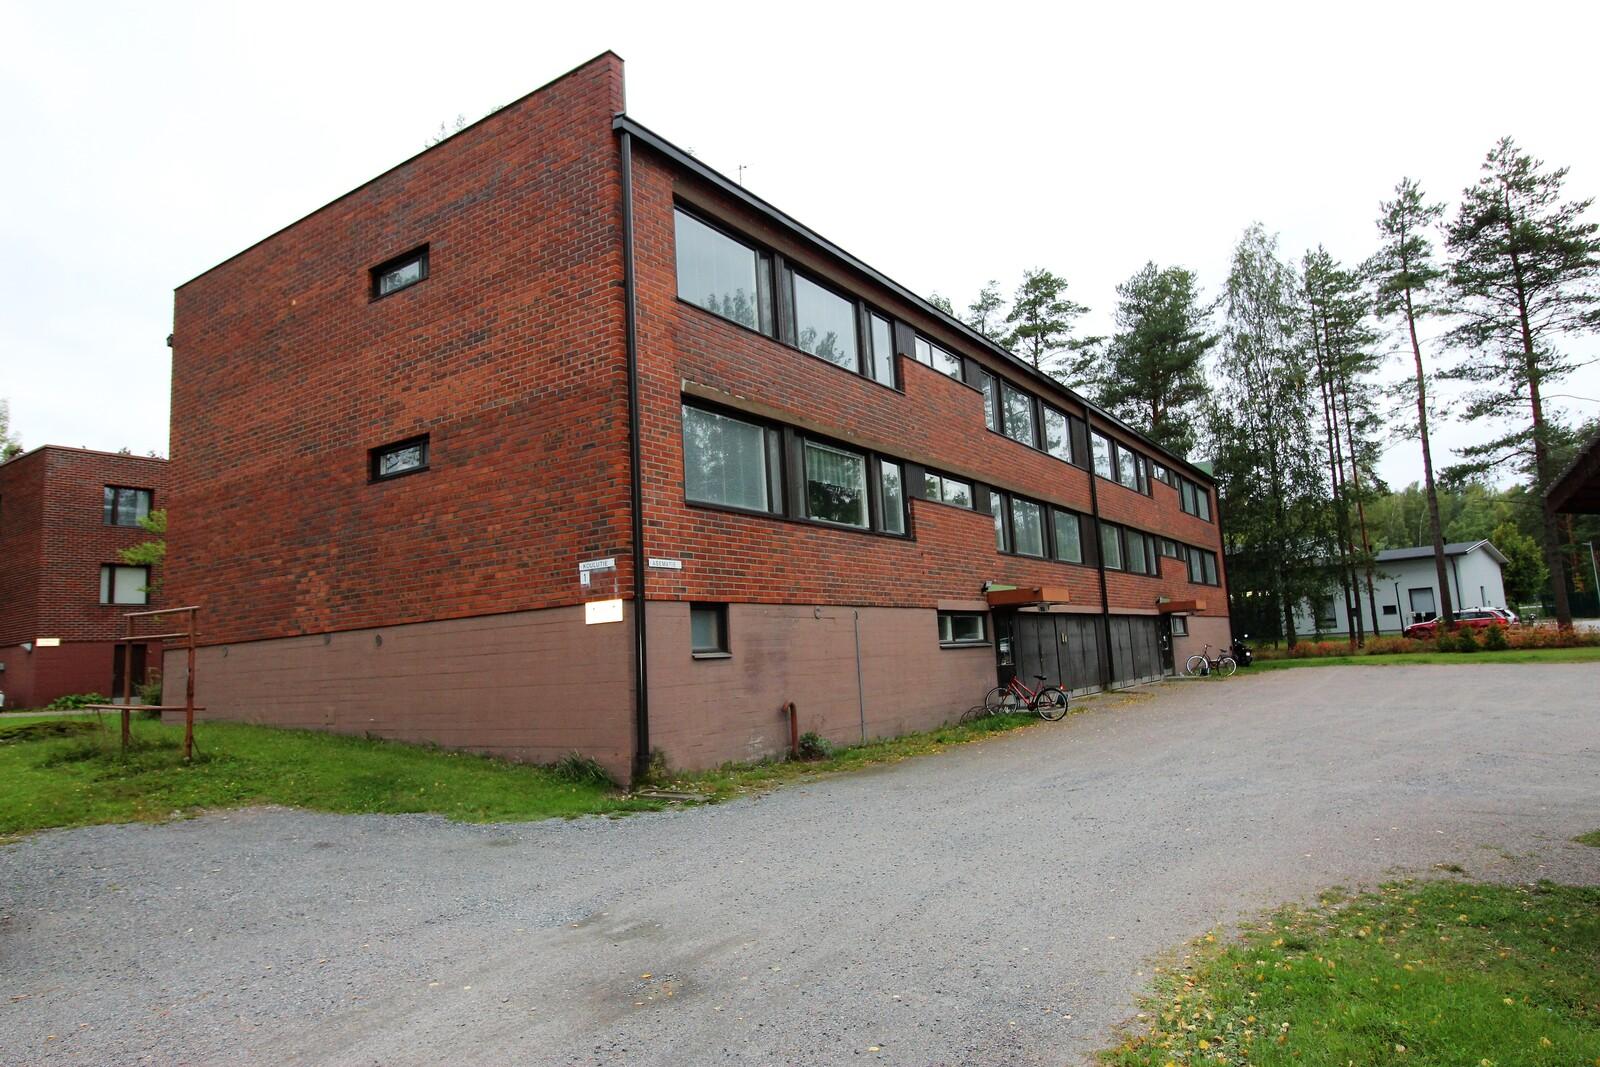 Korvenkylä, Rauha, Lappeenranta